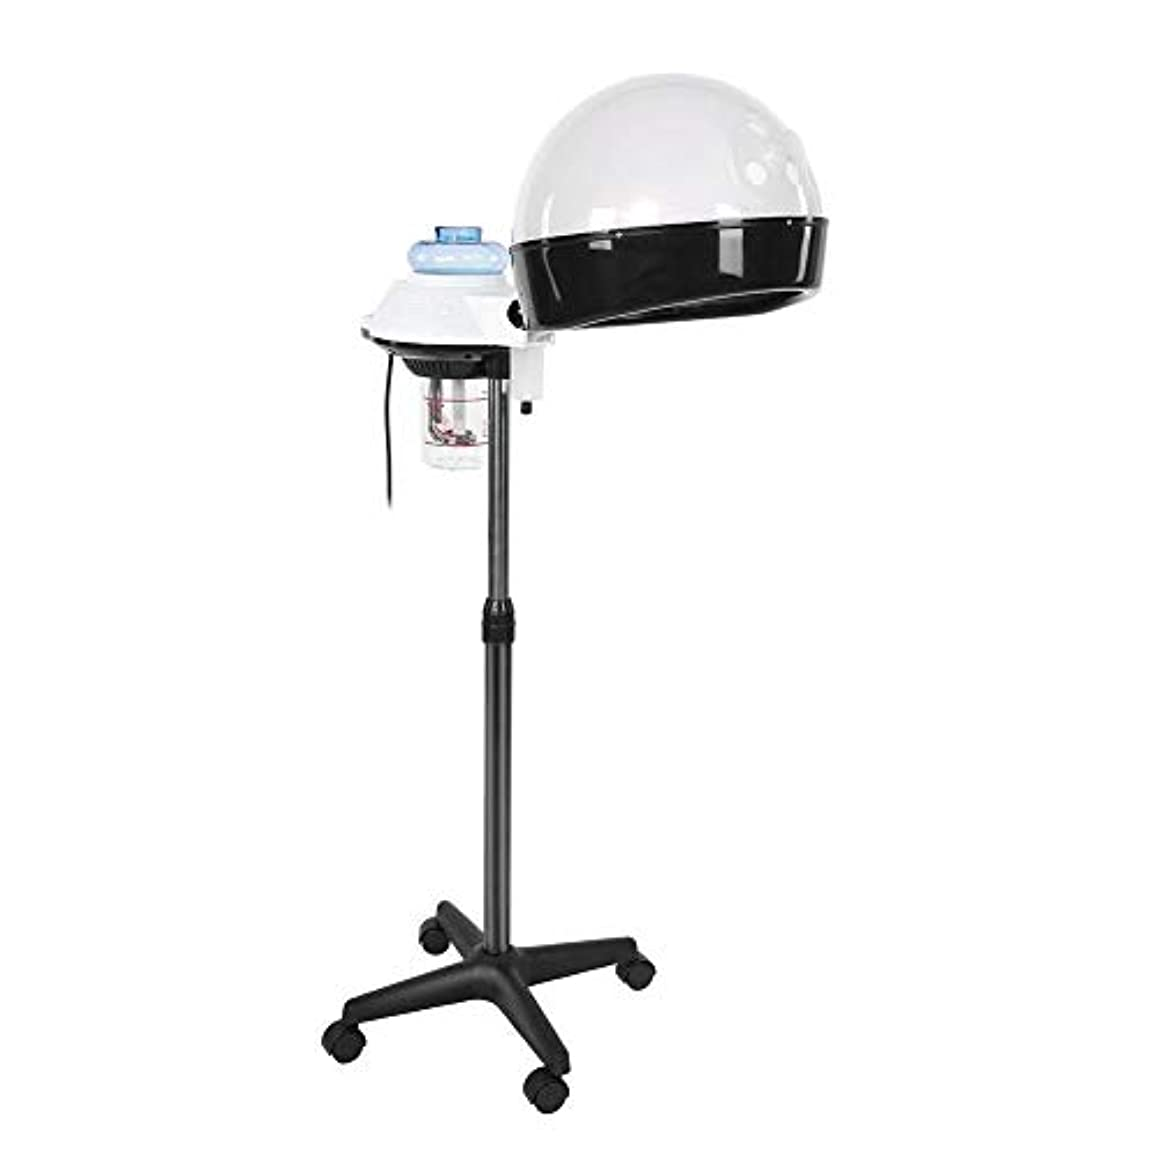 しばしば冗談でサワーヘア 加湿器 パーソナルケア用のデザイン ホットミストオゾンヘアセラピー美容機器 個人用家庭用 (US)